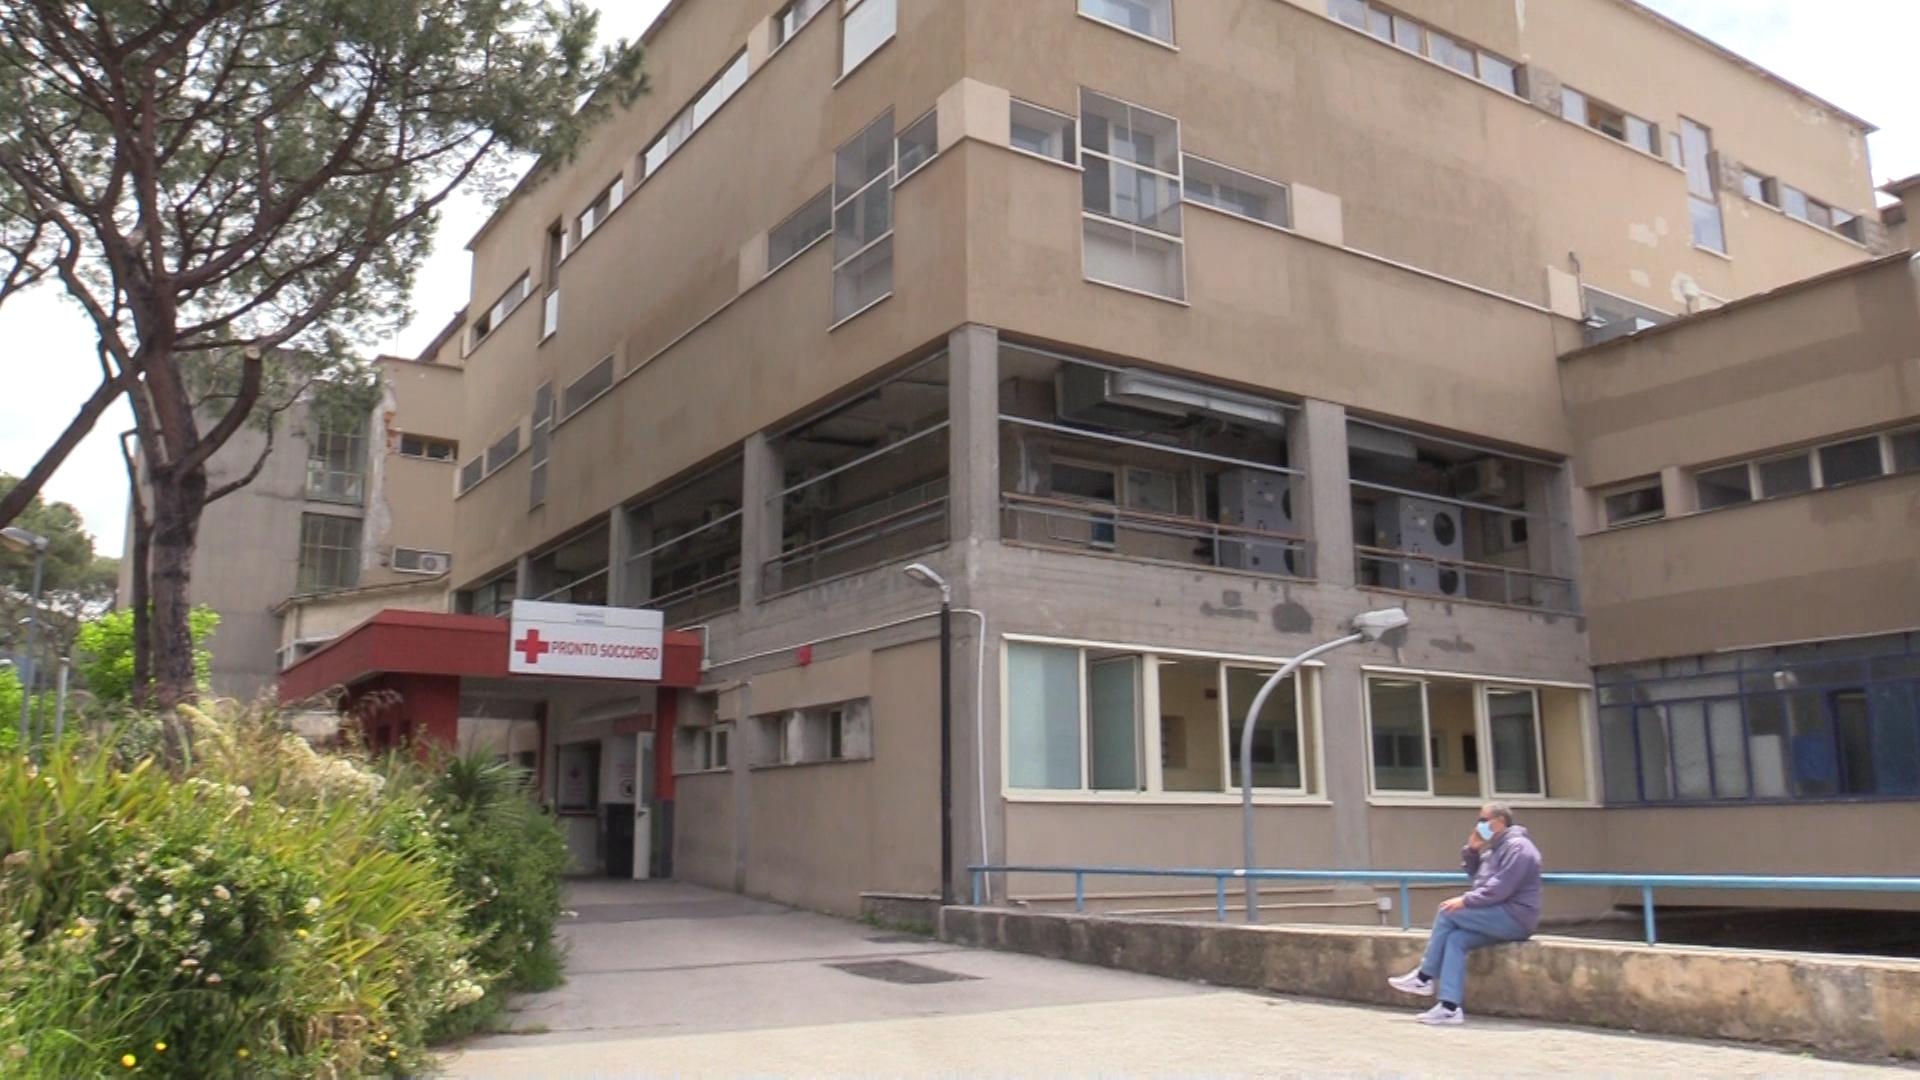 Paziente dalla sala operatoria riportato in camera: bloccate l'intervento, non è urgente